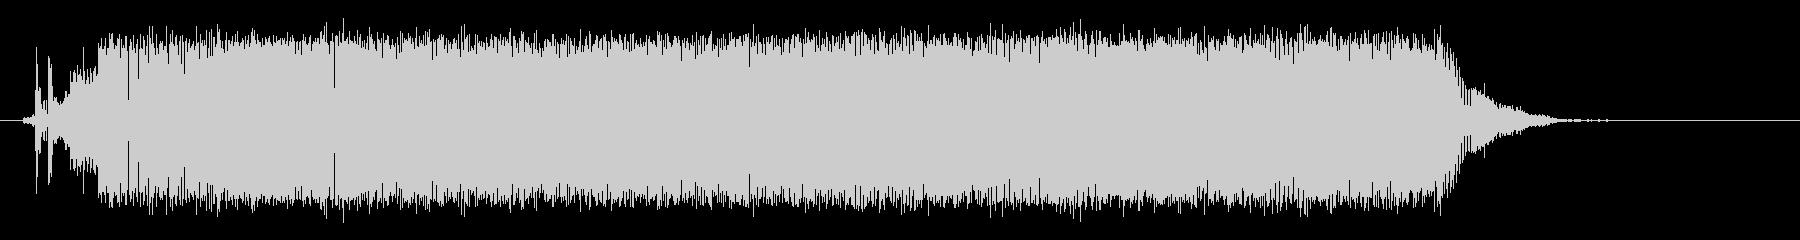 ノイズ スローコードライザー03の未再生の波形